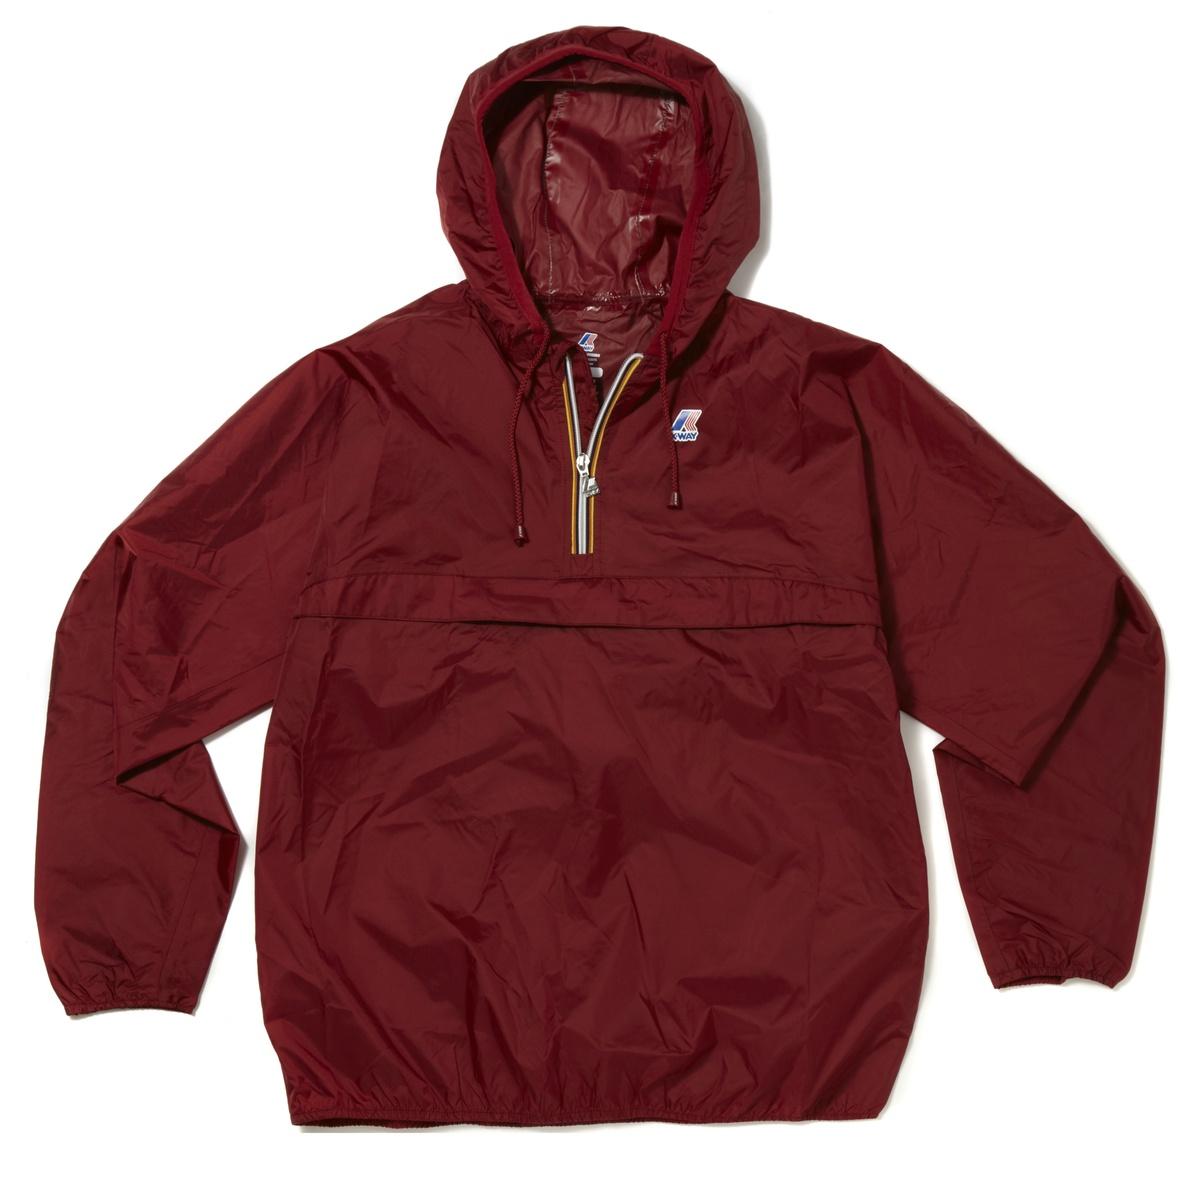 K-WAY Unisex Leon Classic Half Zip Waterproof Hooded Sweatshirt Mac Jacket